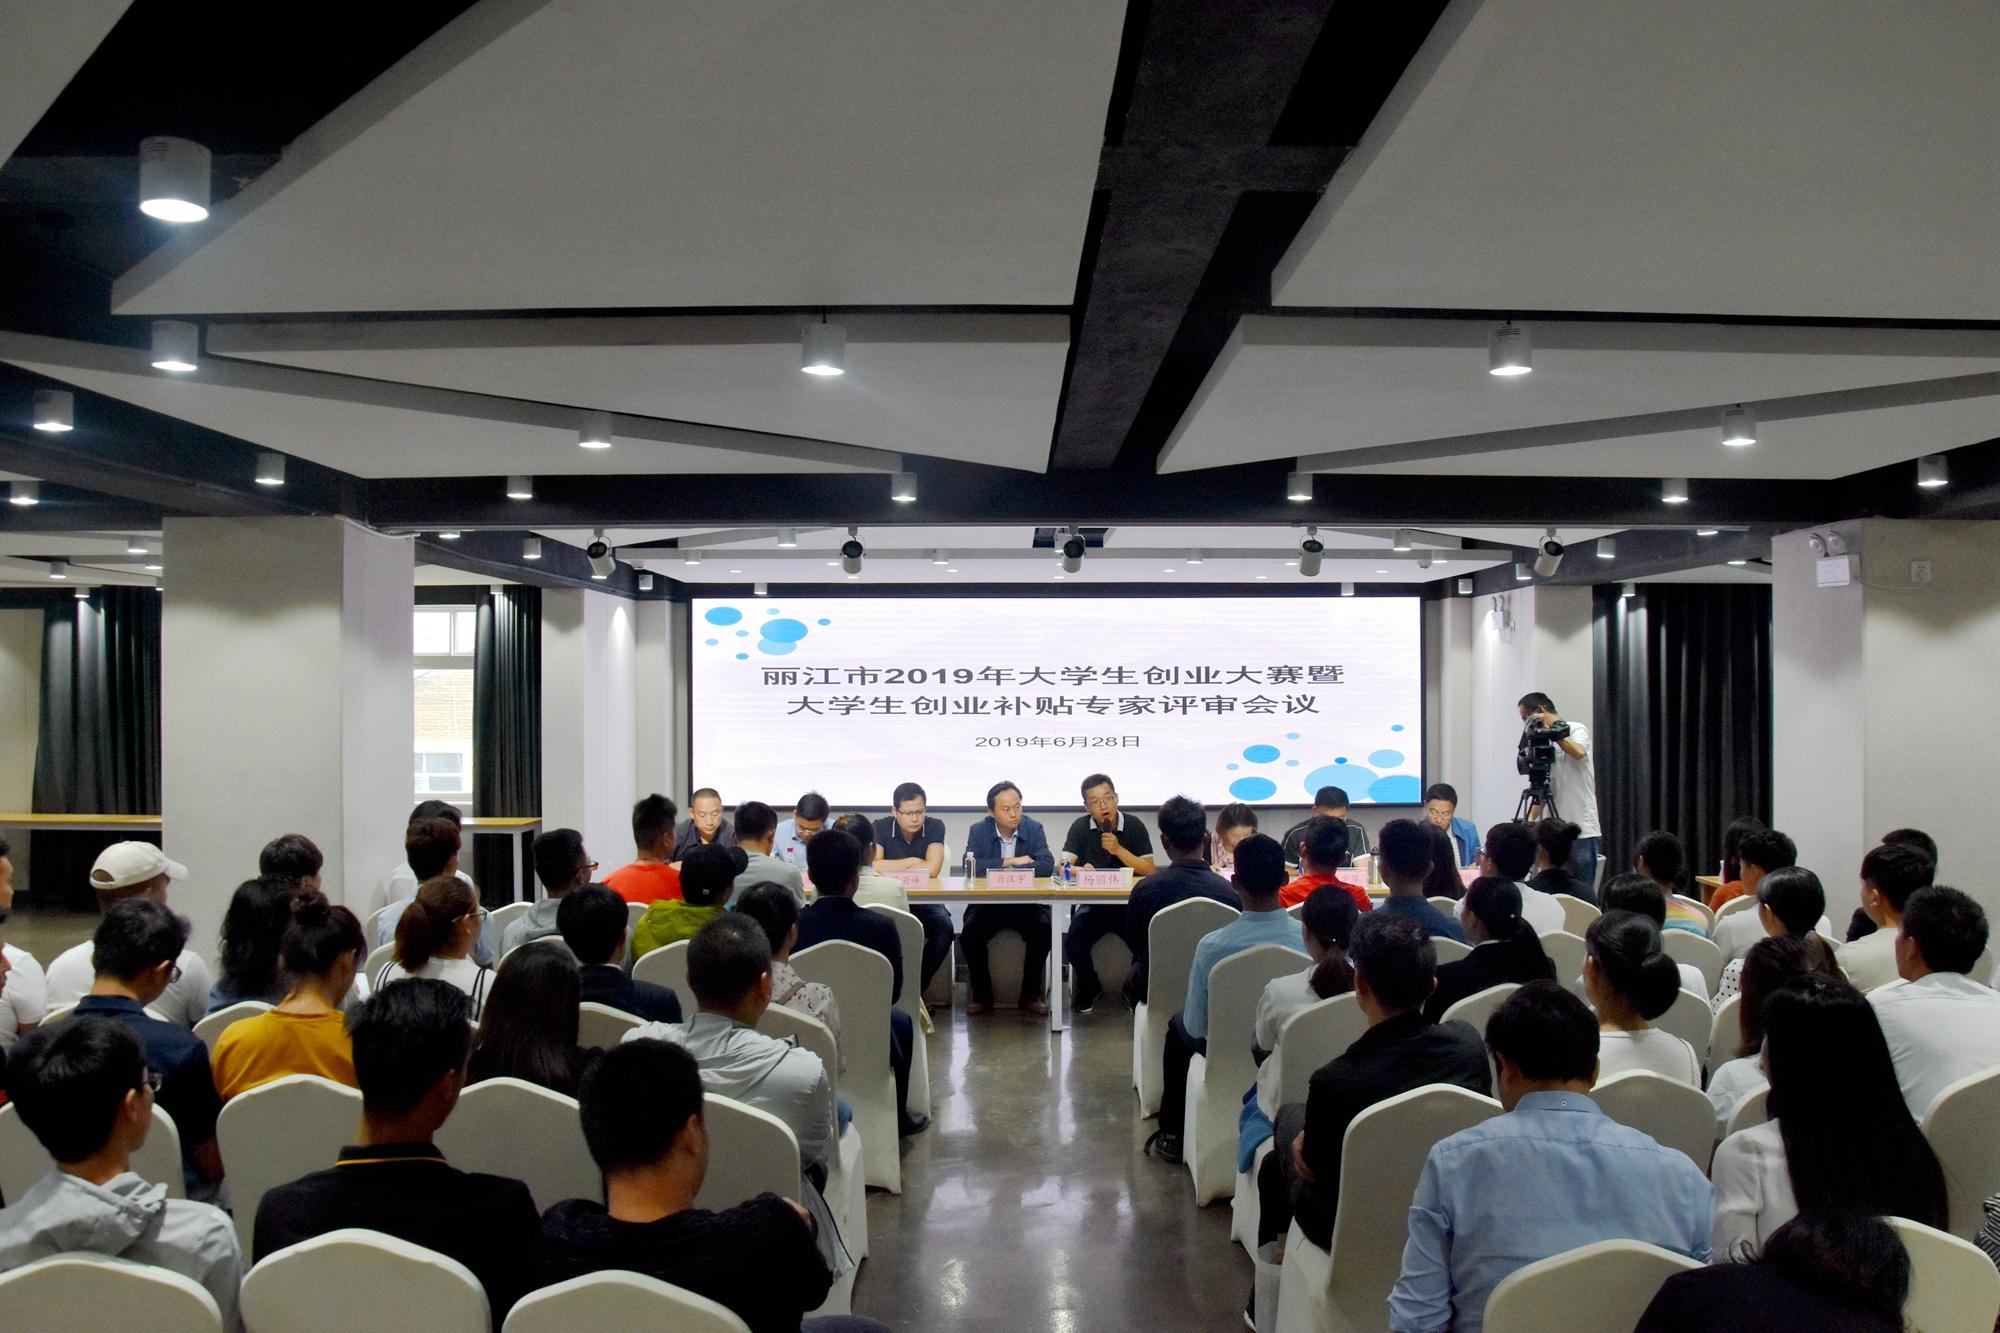 @麗江創業者,這次創業補貼專家評審會,你可不能錯過